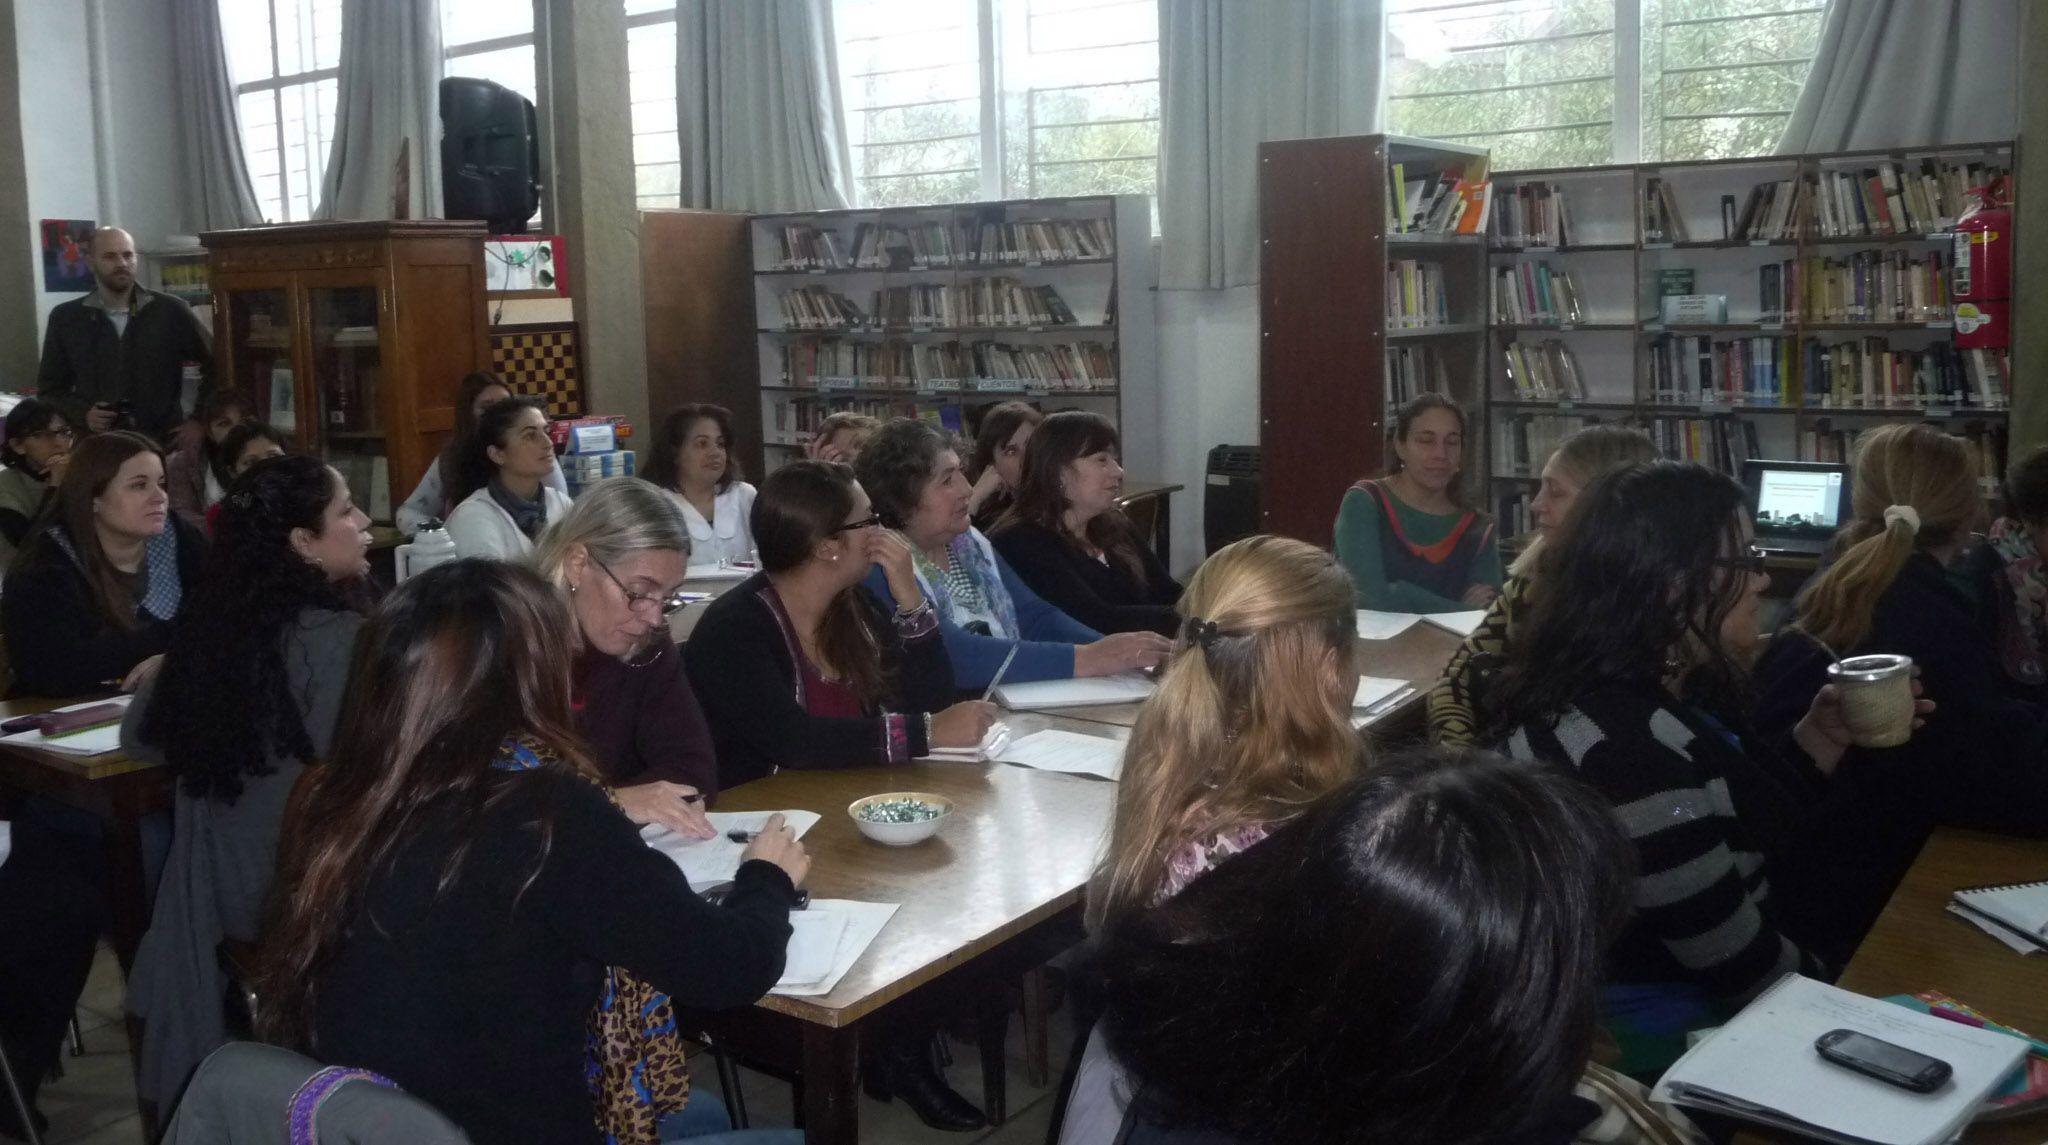 Talleres. Esperan convocar a unos tres mil docentes y más de diez mil alumnos en debates y actividades sobre la temática.